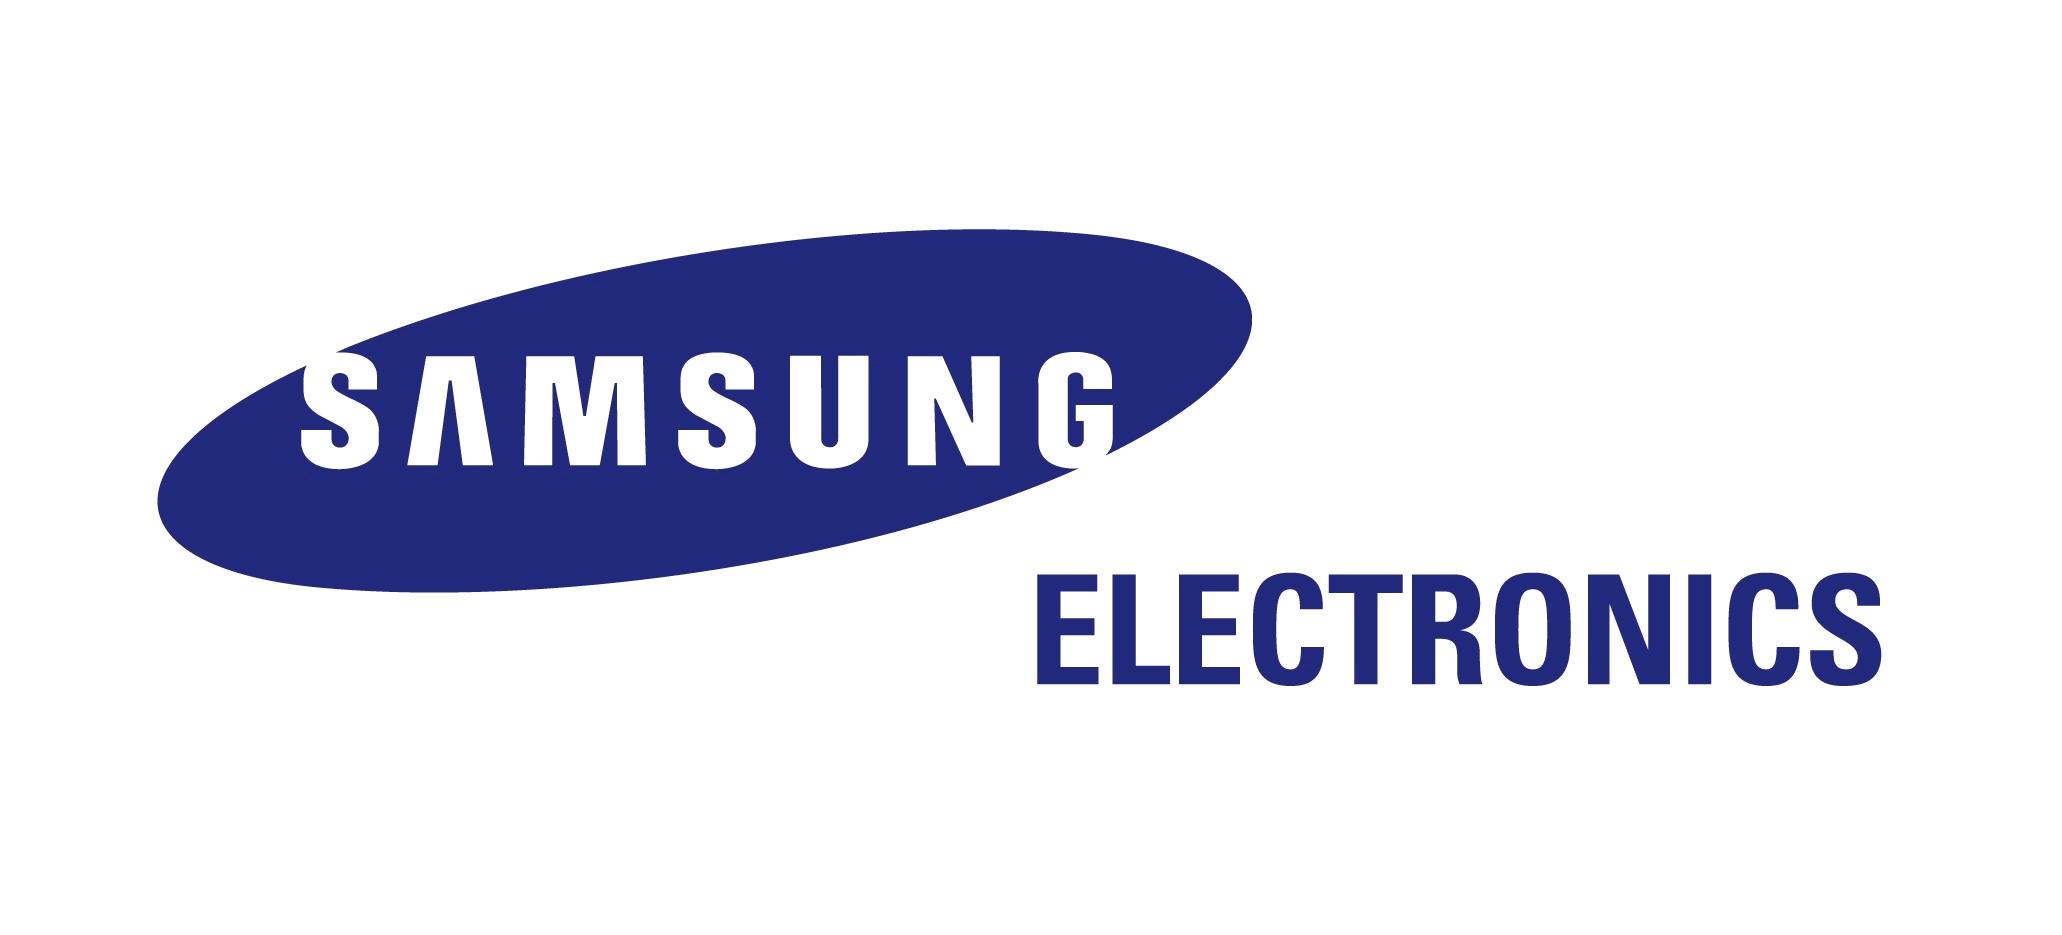 Stock to watch: Samsung Electronics Co Ltd (KRX: 005930